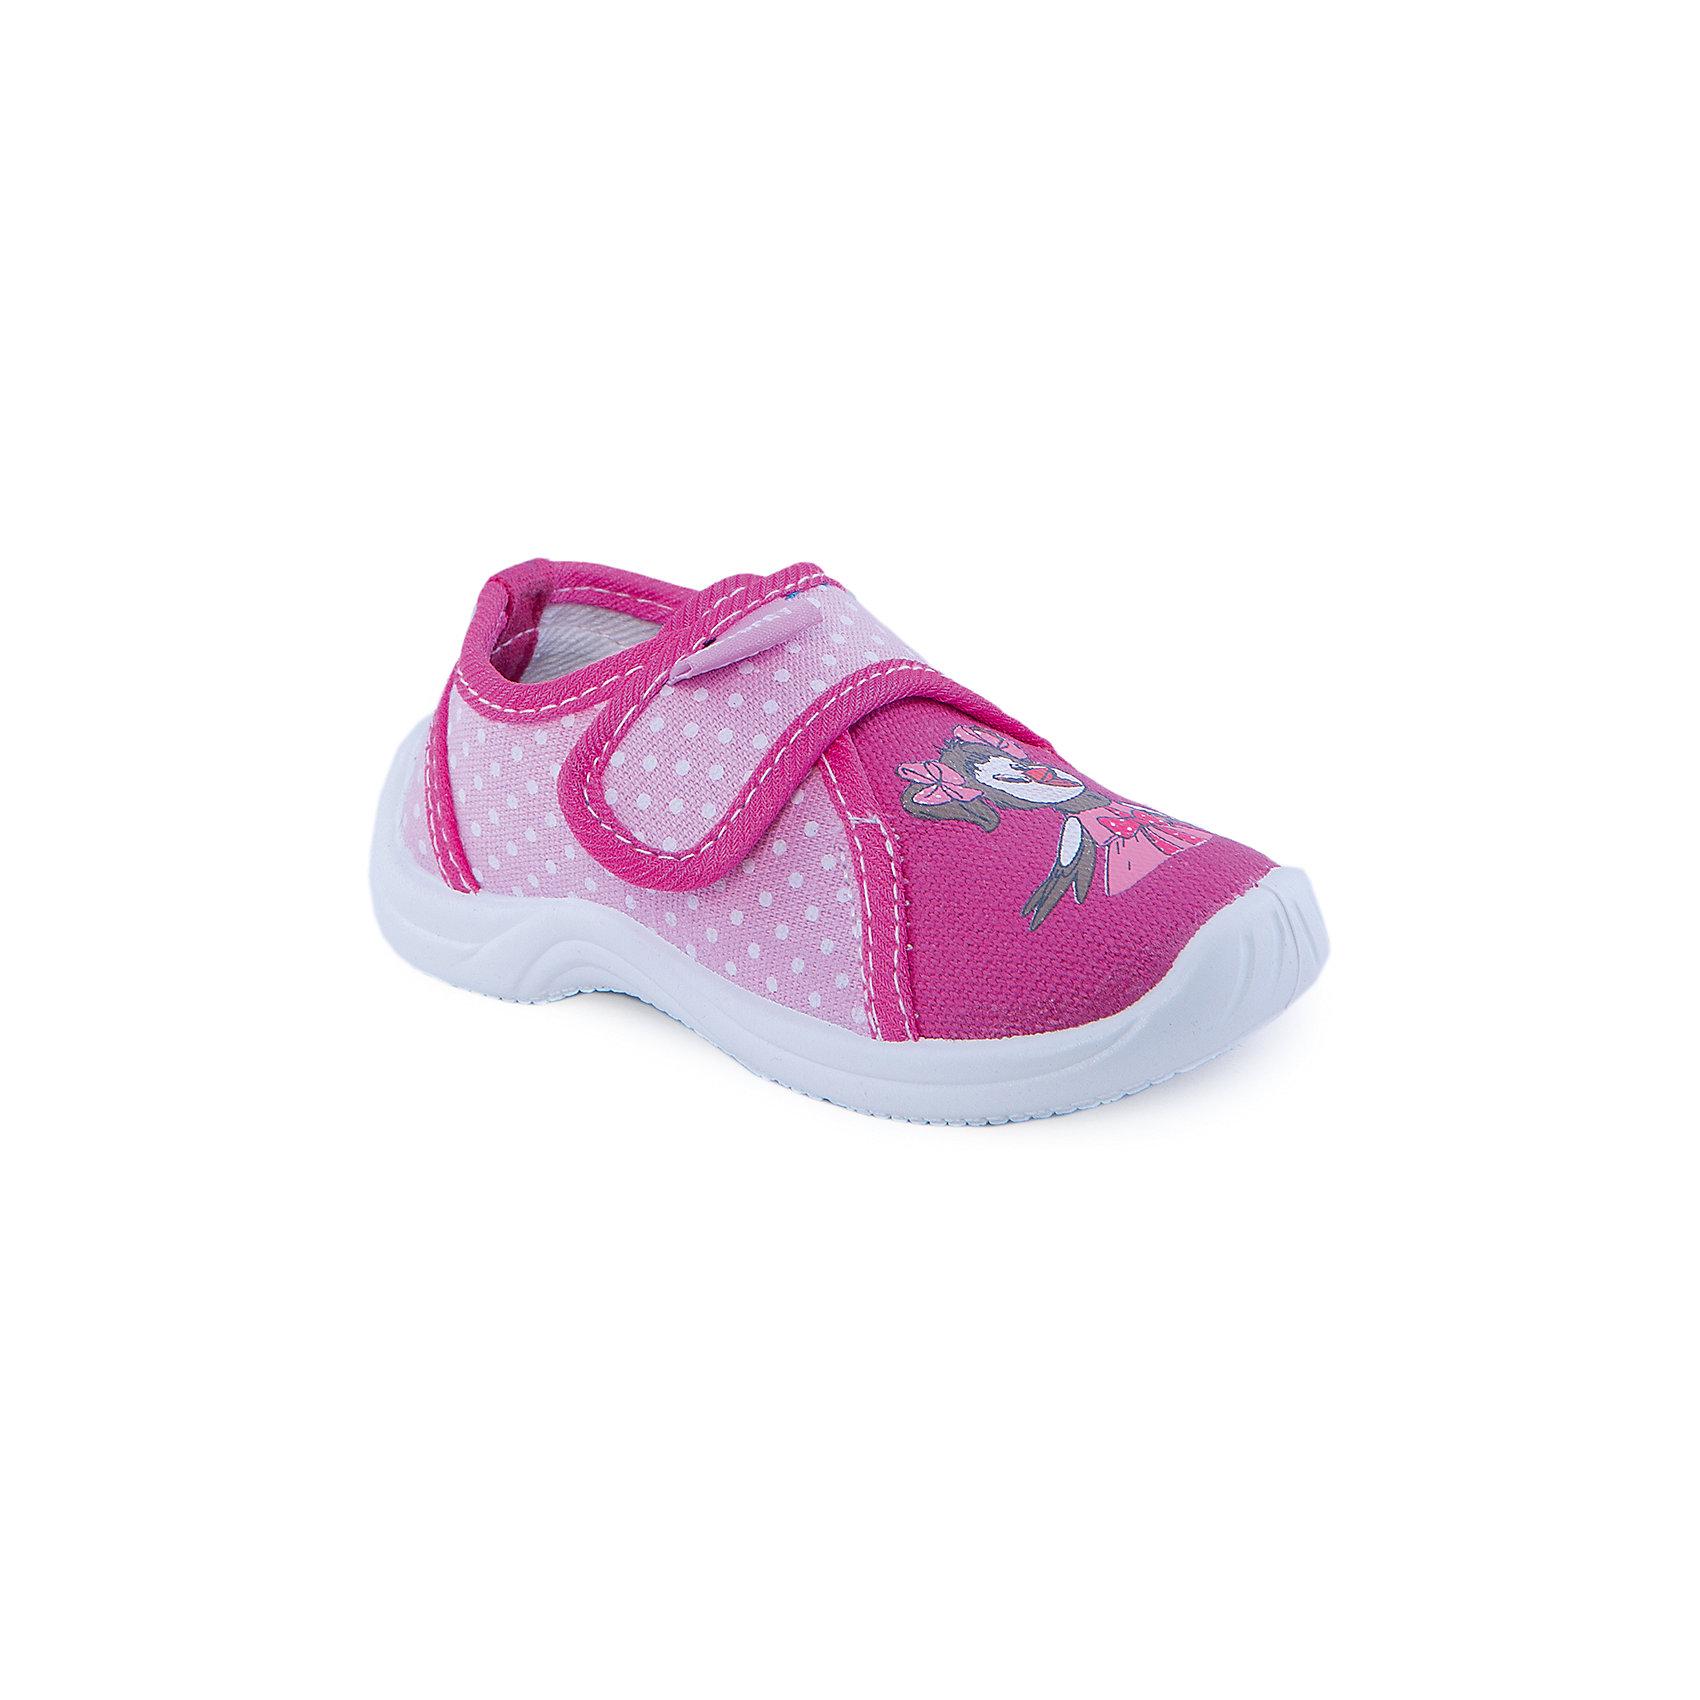 Туфли для девочки КотофейБотинки для девочки от известного российского бренда Котофей<br><br>Модные легкие ботинки не только хорошо сидят на ноге - они легко надеваются благодаря удобной липучке. Эта модель создана с учетом особенностей развития детской стопы, поэтому все детали проработаны особенно тщательно.<br><br>Особенности модели: <br><br>- цвет - розовый;<br>- стильный дизайн;<br>- принт с Каркушей;<br>- высокий задник;<br>- закрытый носок;<br>- супинатор;<br>- вид крепления – литьевой;<br>- амортизирующая подошва;<br>- застежка - липучка.<br><br>Дополнительная информация:<br><br>Температурный режим: <br><br>от +15° С до +25° С<br><br>Состав:<br>верх – текстиль;<br>подкладка - текстиль;<br>подошва - ПВХ.<br><br>Ботинки для девочки Котофей можно купить в нашем магазине.<br><br>Ширина мм: 262<br>Глубина мм: 176<br>Высота мм: 97<br>Вес г: 427<br>Цвет: розовый<br>Возраст от месяцев: 24<br>Возраст до месяцев: 24<br>Пол: Женский<br>Возраст: Детский<br>Размер: 25,20,23,24,21,22<br>SKU: 4315251